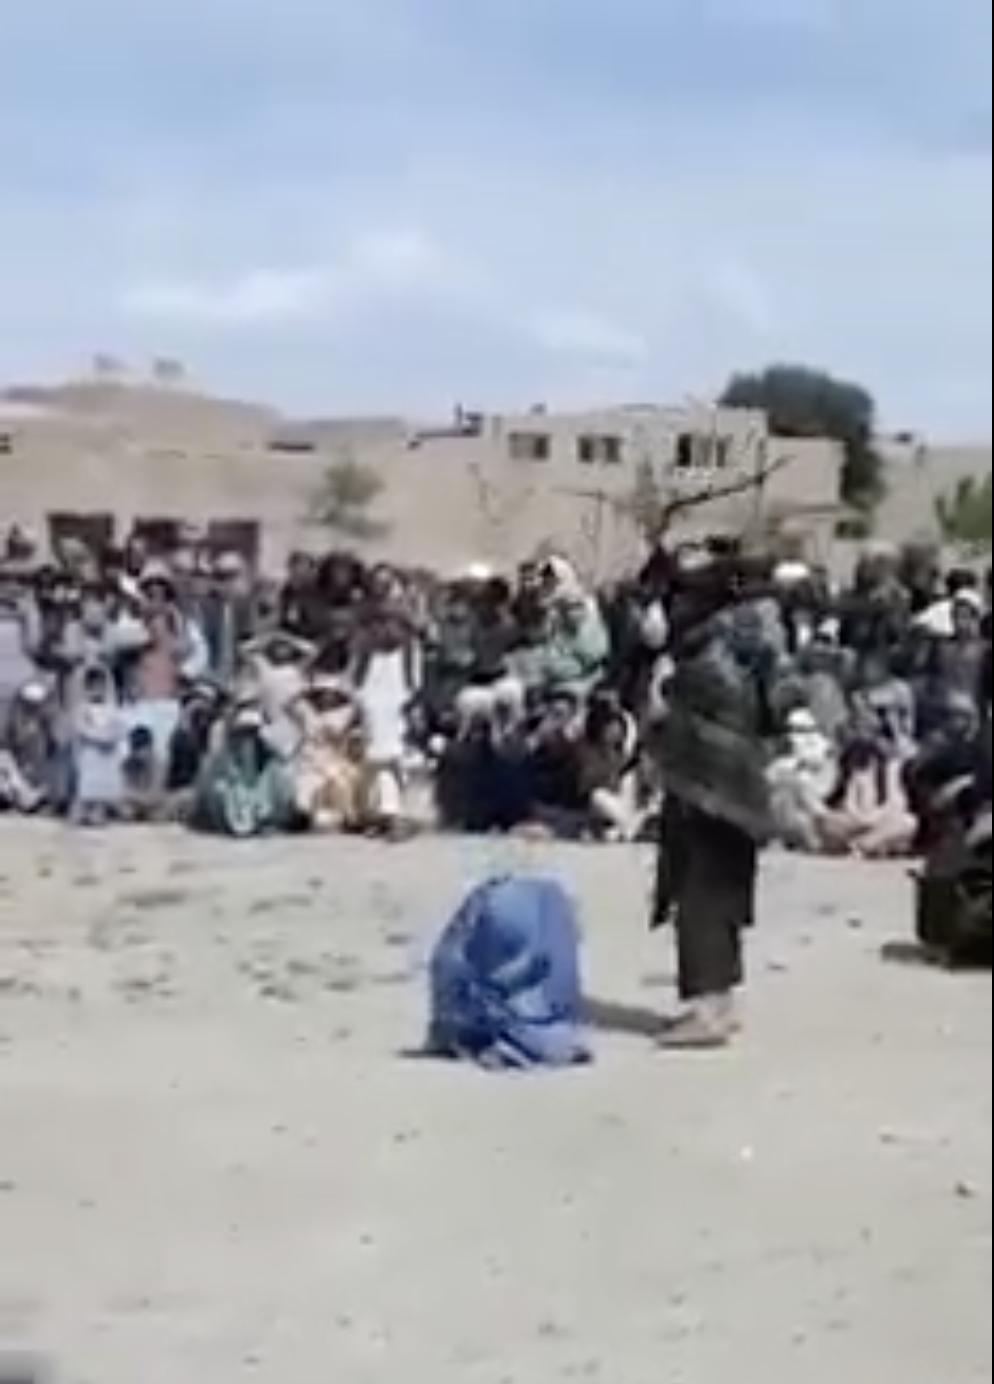 2 membres de Taliban infligent 40 coups de fouet à leur victime, une femme à genoux, sous les yeux d'un large assistance